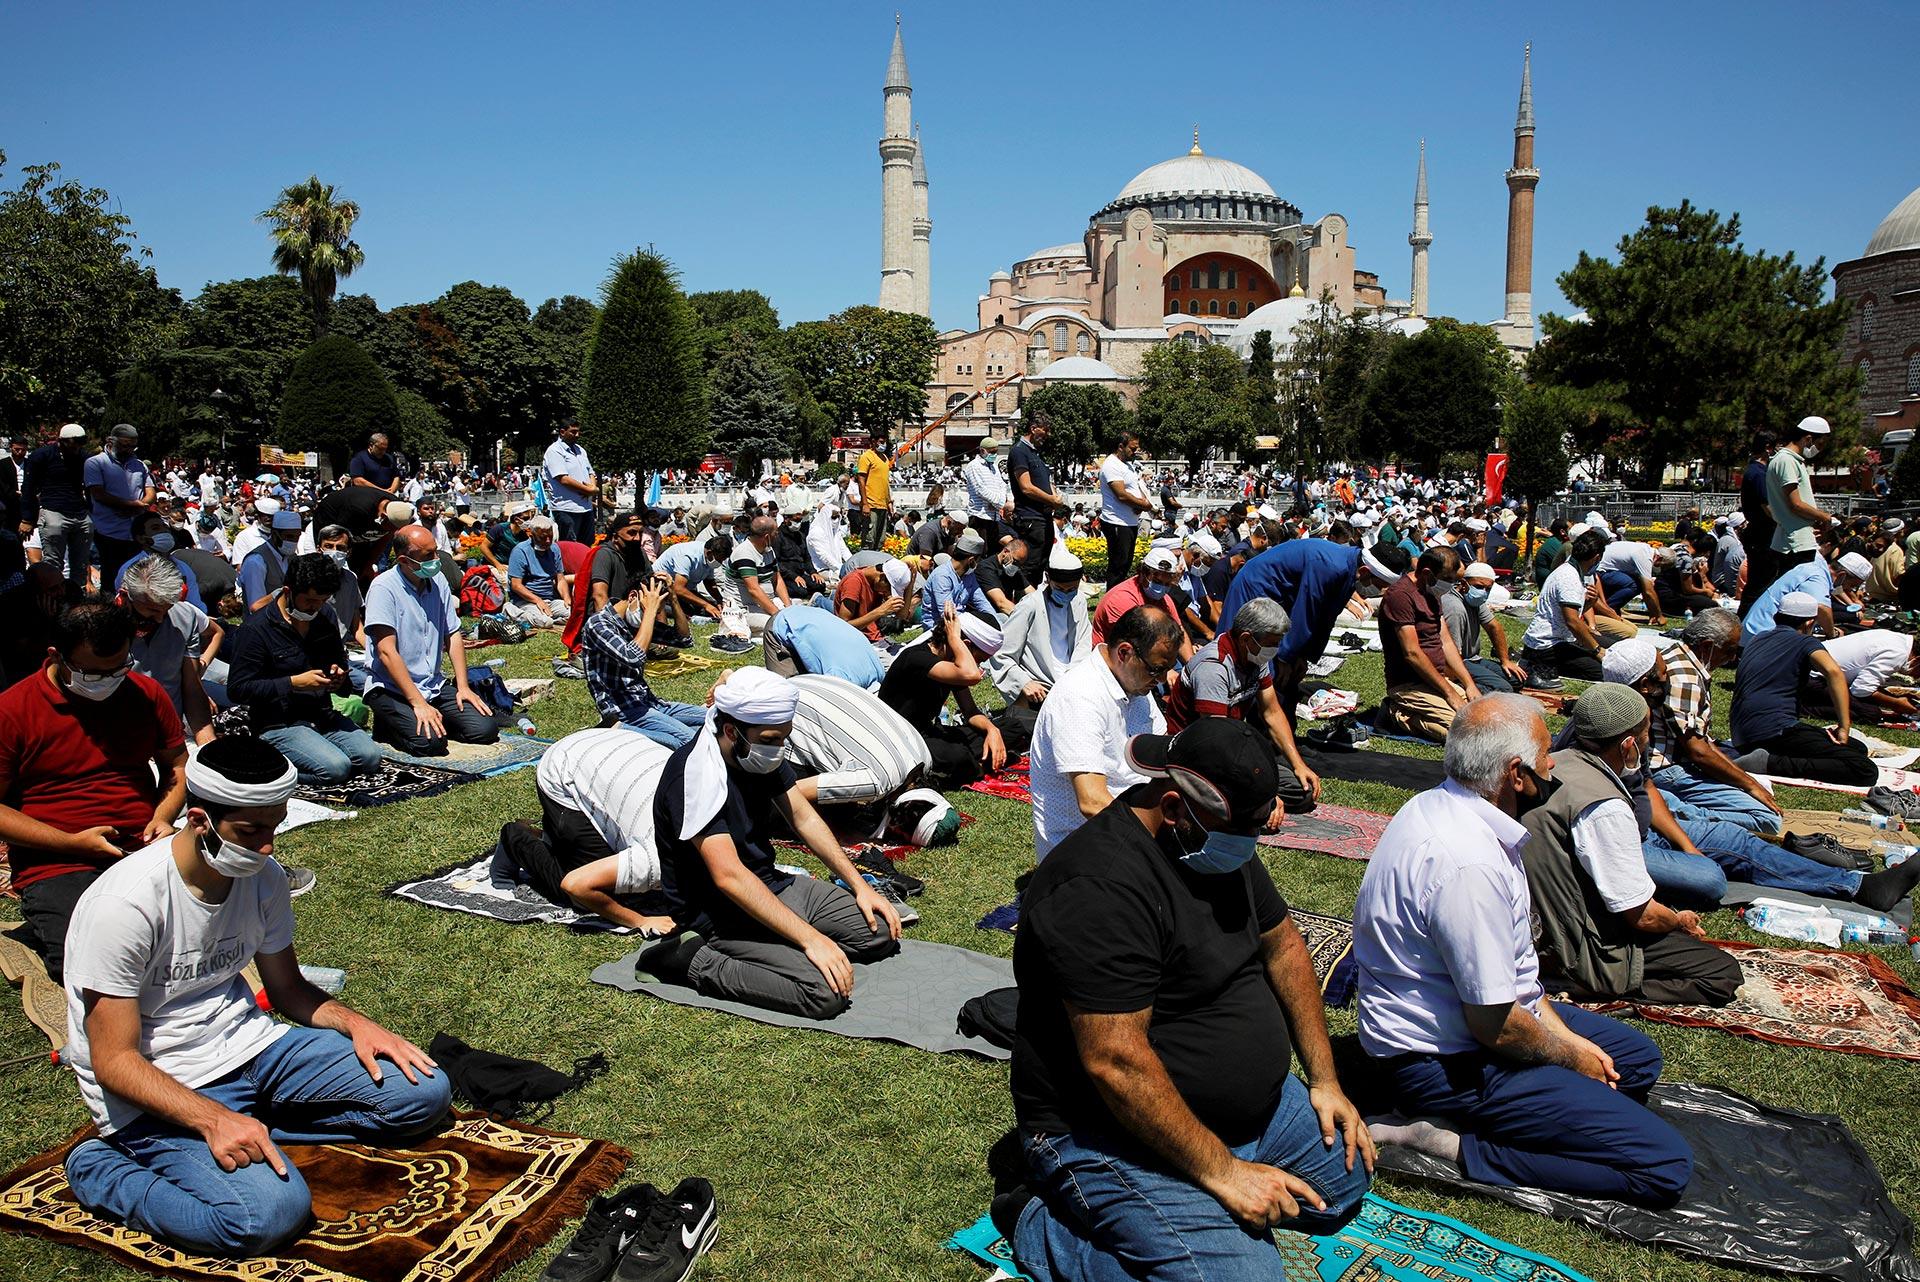 El jefe de la Diyanet, Ali Erbas, conduce el rezo, al que han sido invitados personalidades no solo de Turquía sino también extranjeras (Reuters)